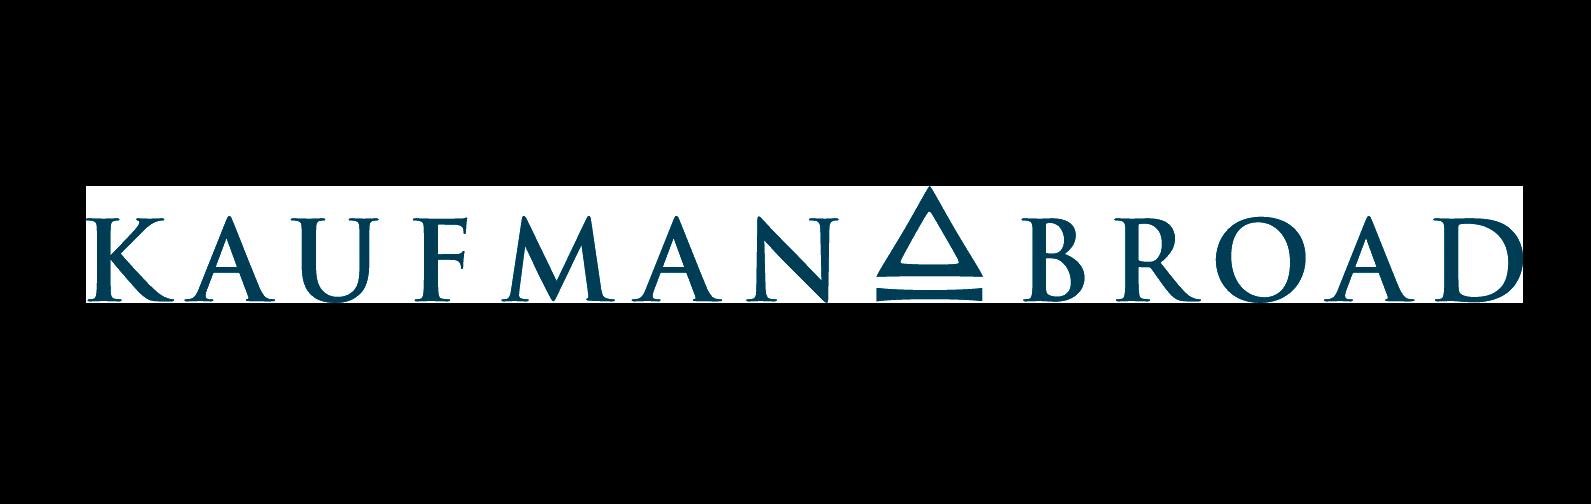 Kaufman_logo.png